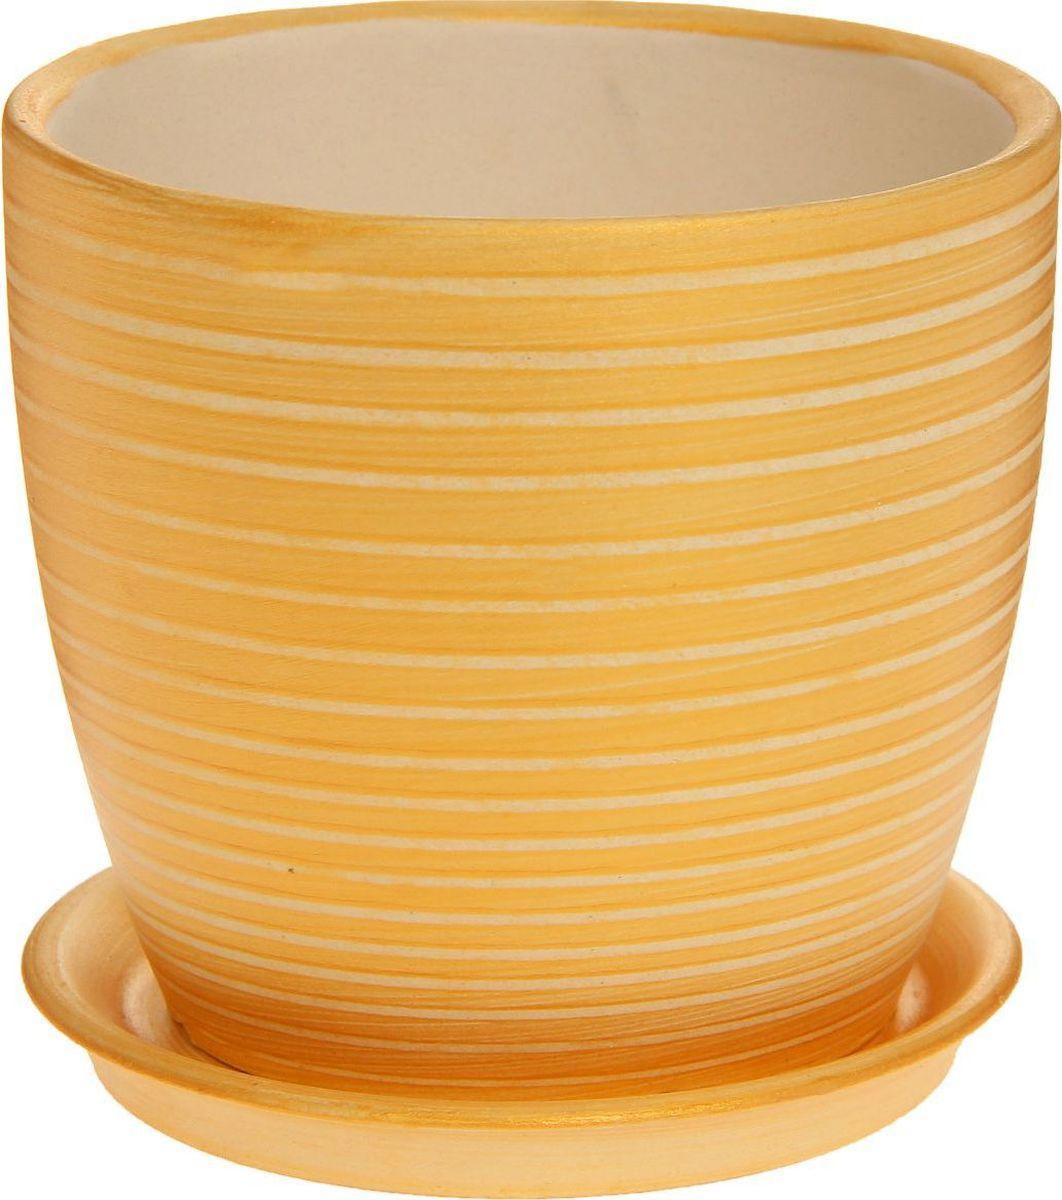 Кашпо Керамика ручной работы Осень. Радуга, цвет: золотой, 1 л1170288Комнатные растения — всеобщие любимцы. Они радуют глаз, насыщают помещение кислородом и украшают пространство. Каждому из них необходим свой удобный и красивый дом. Кашпо из керамики прекрасно подходят для высадки растений: за счёт пластичности глины и разных способов обработки существует великое множество форм и дизайновпористый материал позволяет испаряться лишней влагевоздух, необходимый для дыхания корней, проникает сквозь керамические стенки! #name# позаботится о зелёном питомце, освежит интерьер и подчеркнёт его стиль.